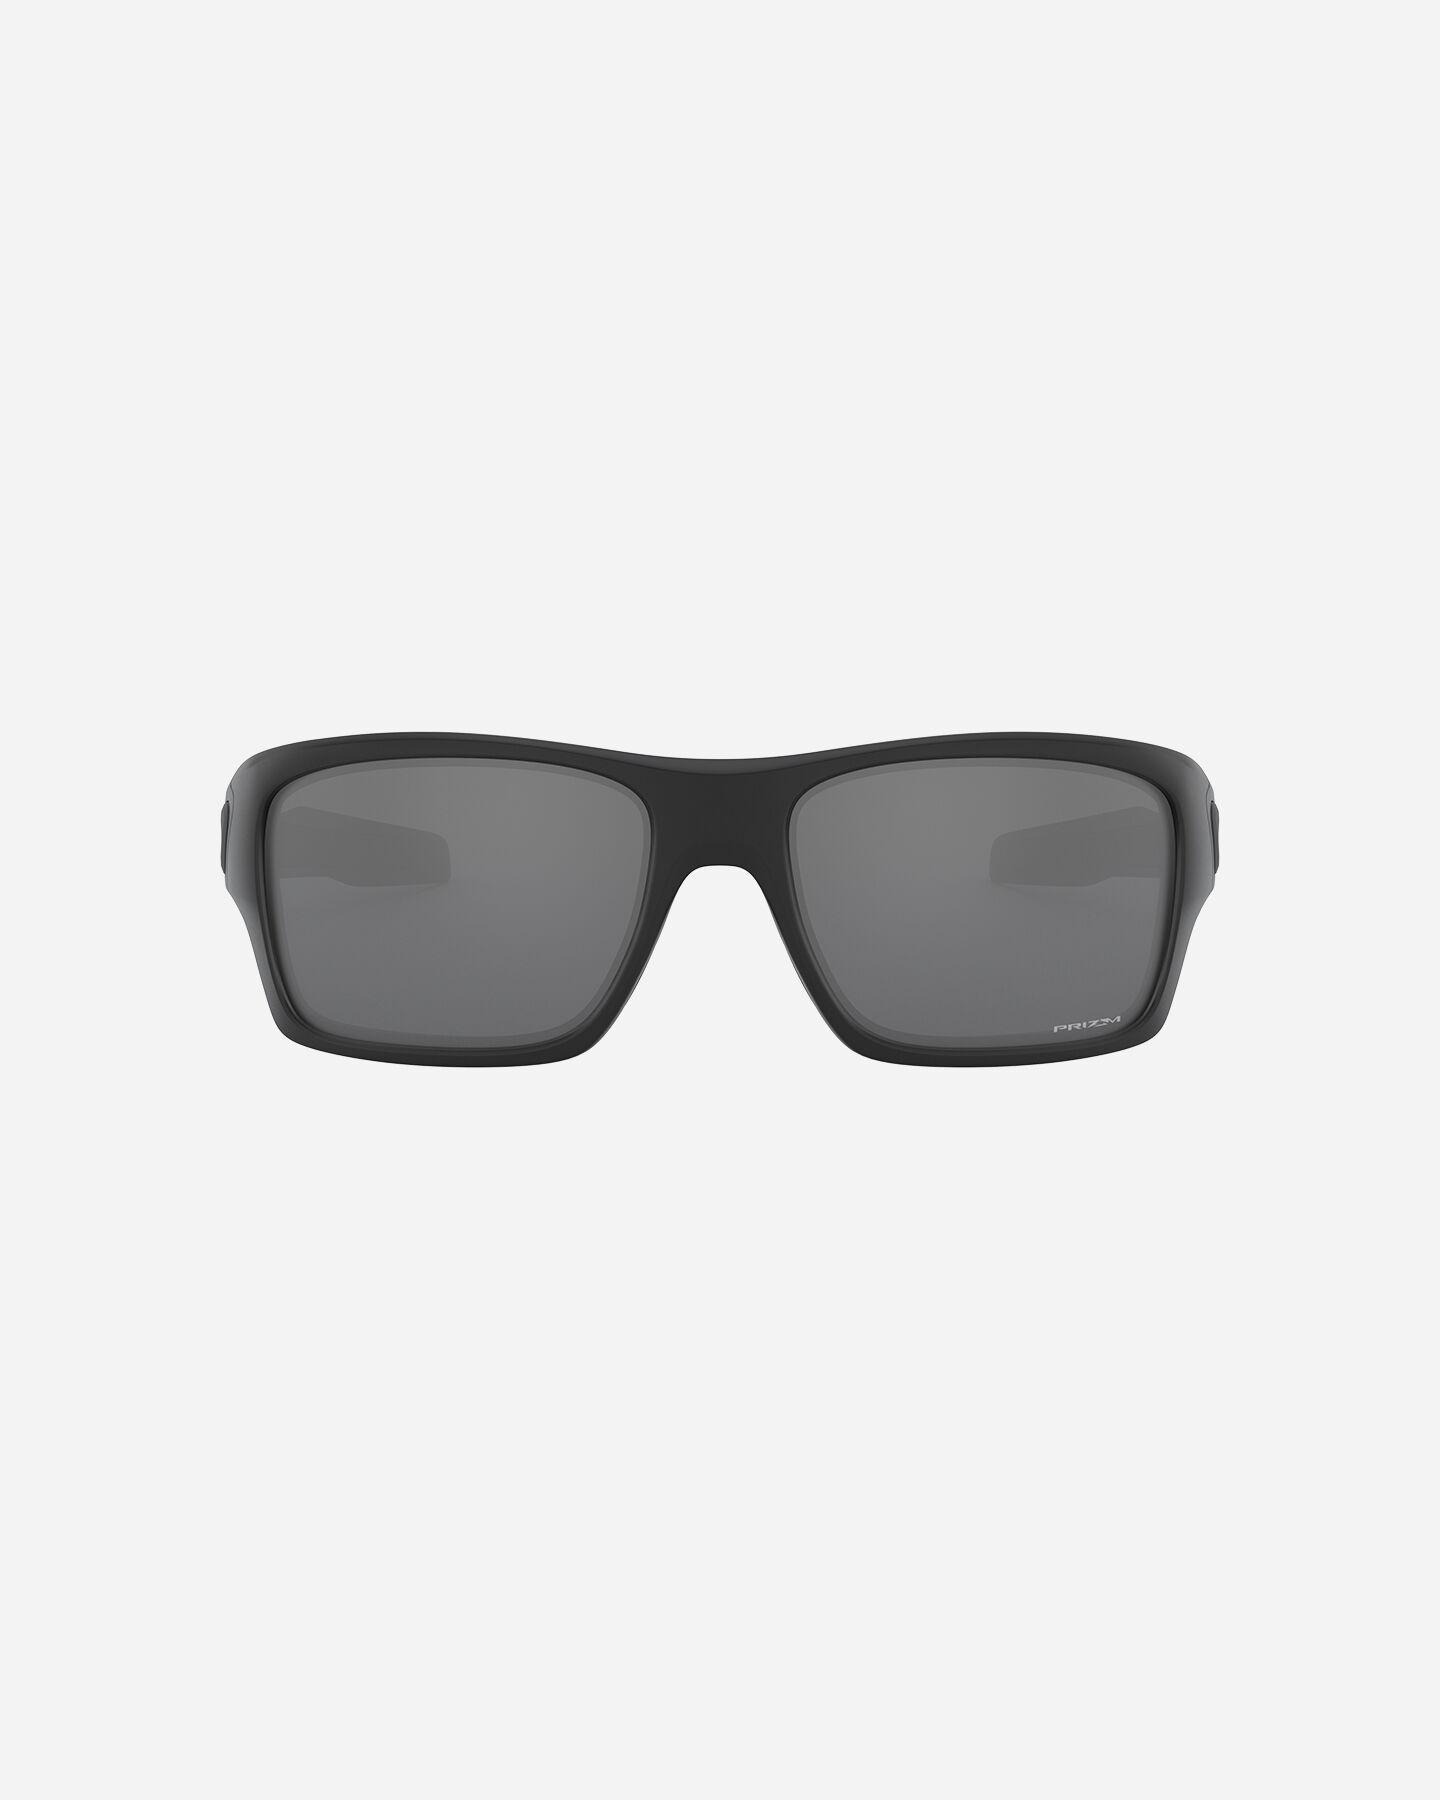 Occhiali OAKLEY TURNINE M S5058839|4263|UNI scatto 1